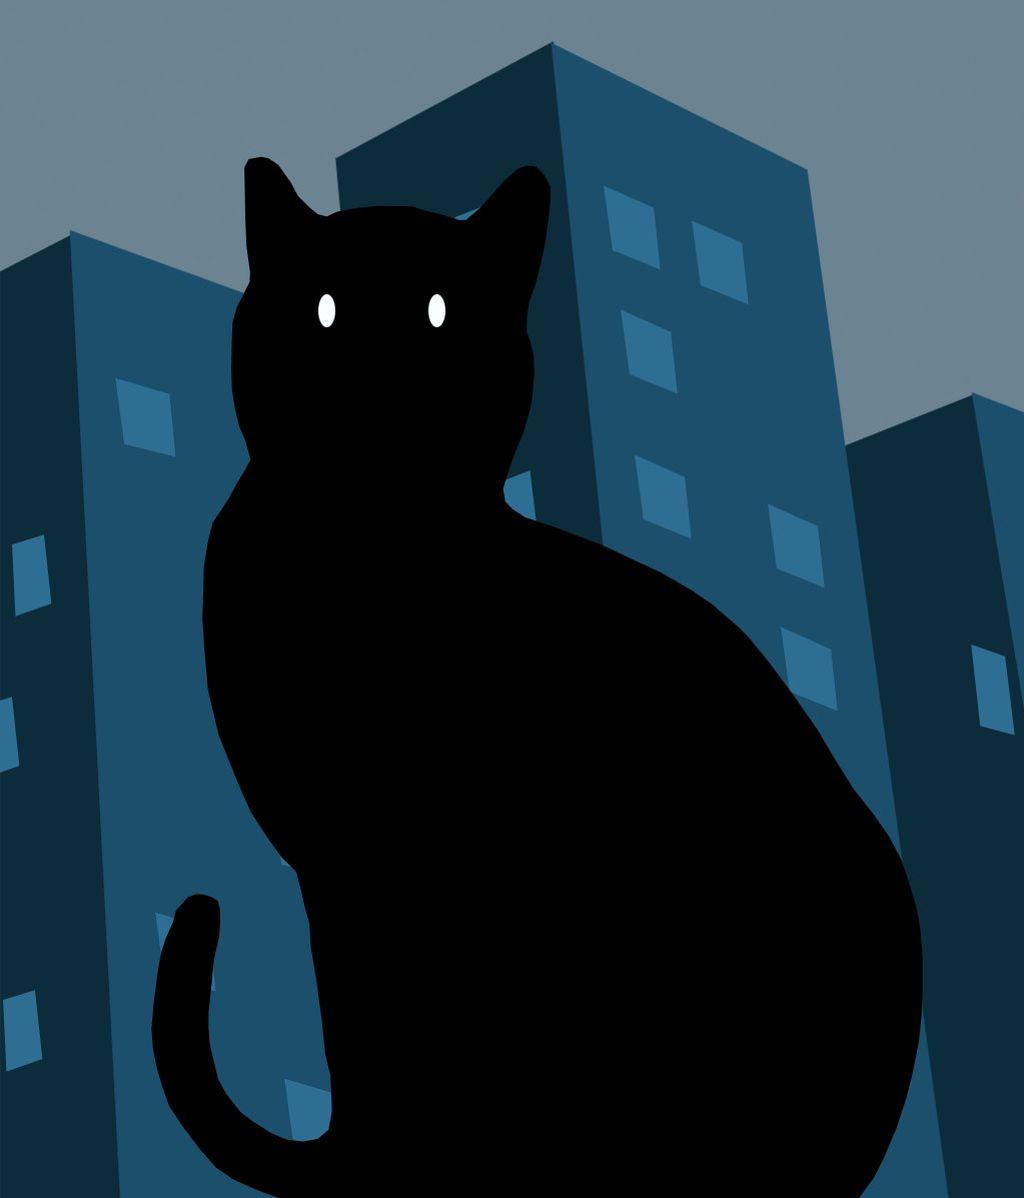 gato_encerrado_-1_dfee